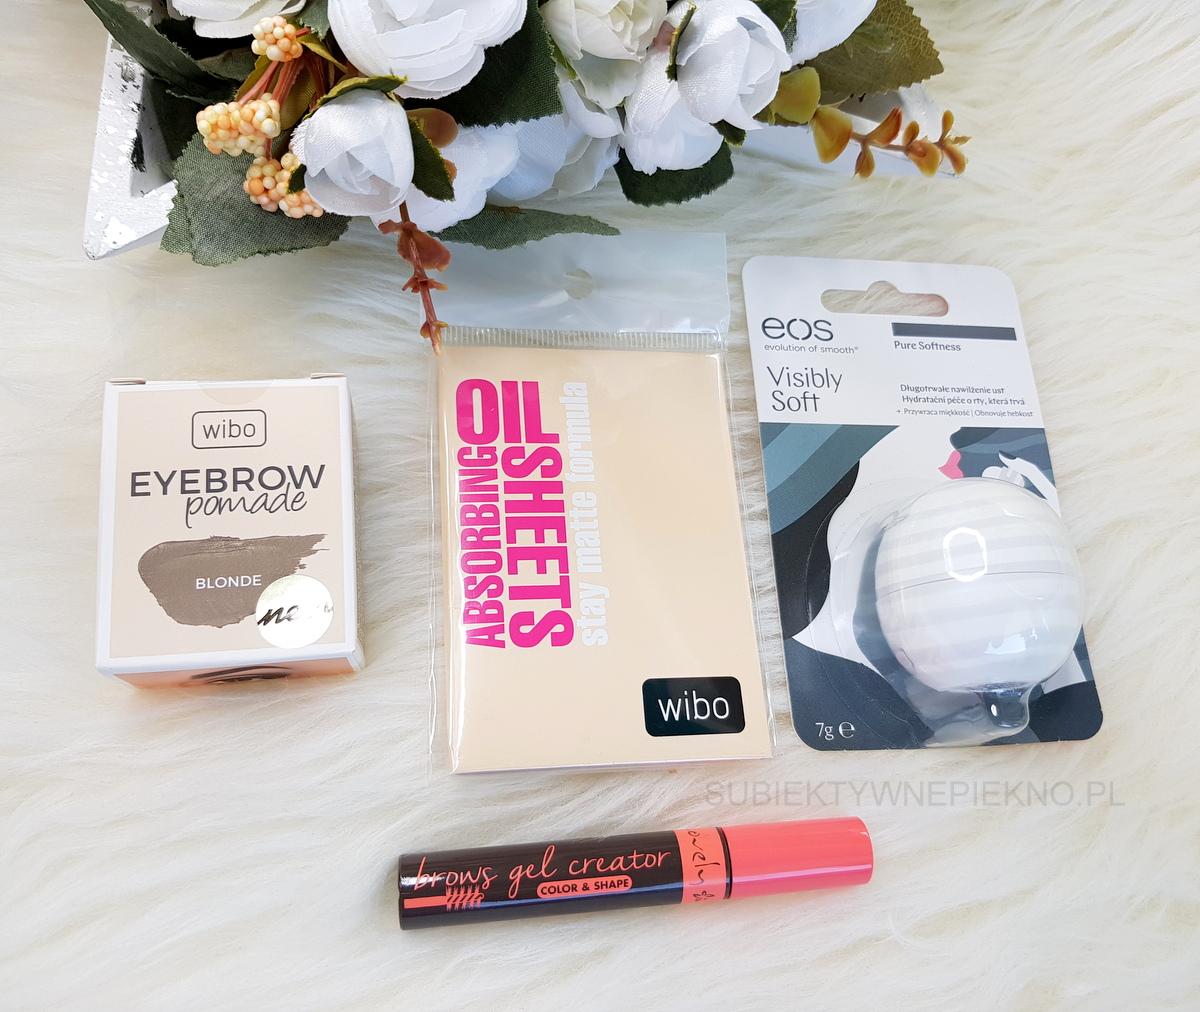 Co kupiłam na promocji w Rossmannie -55% na kosmetyki do makijażu kwiecień 2018 - Wibo, Lovely, EOS